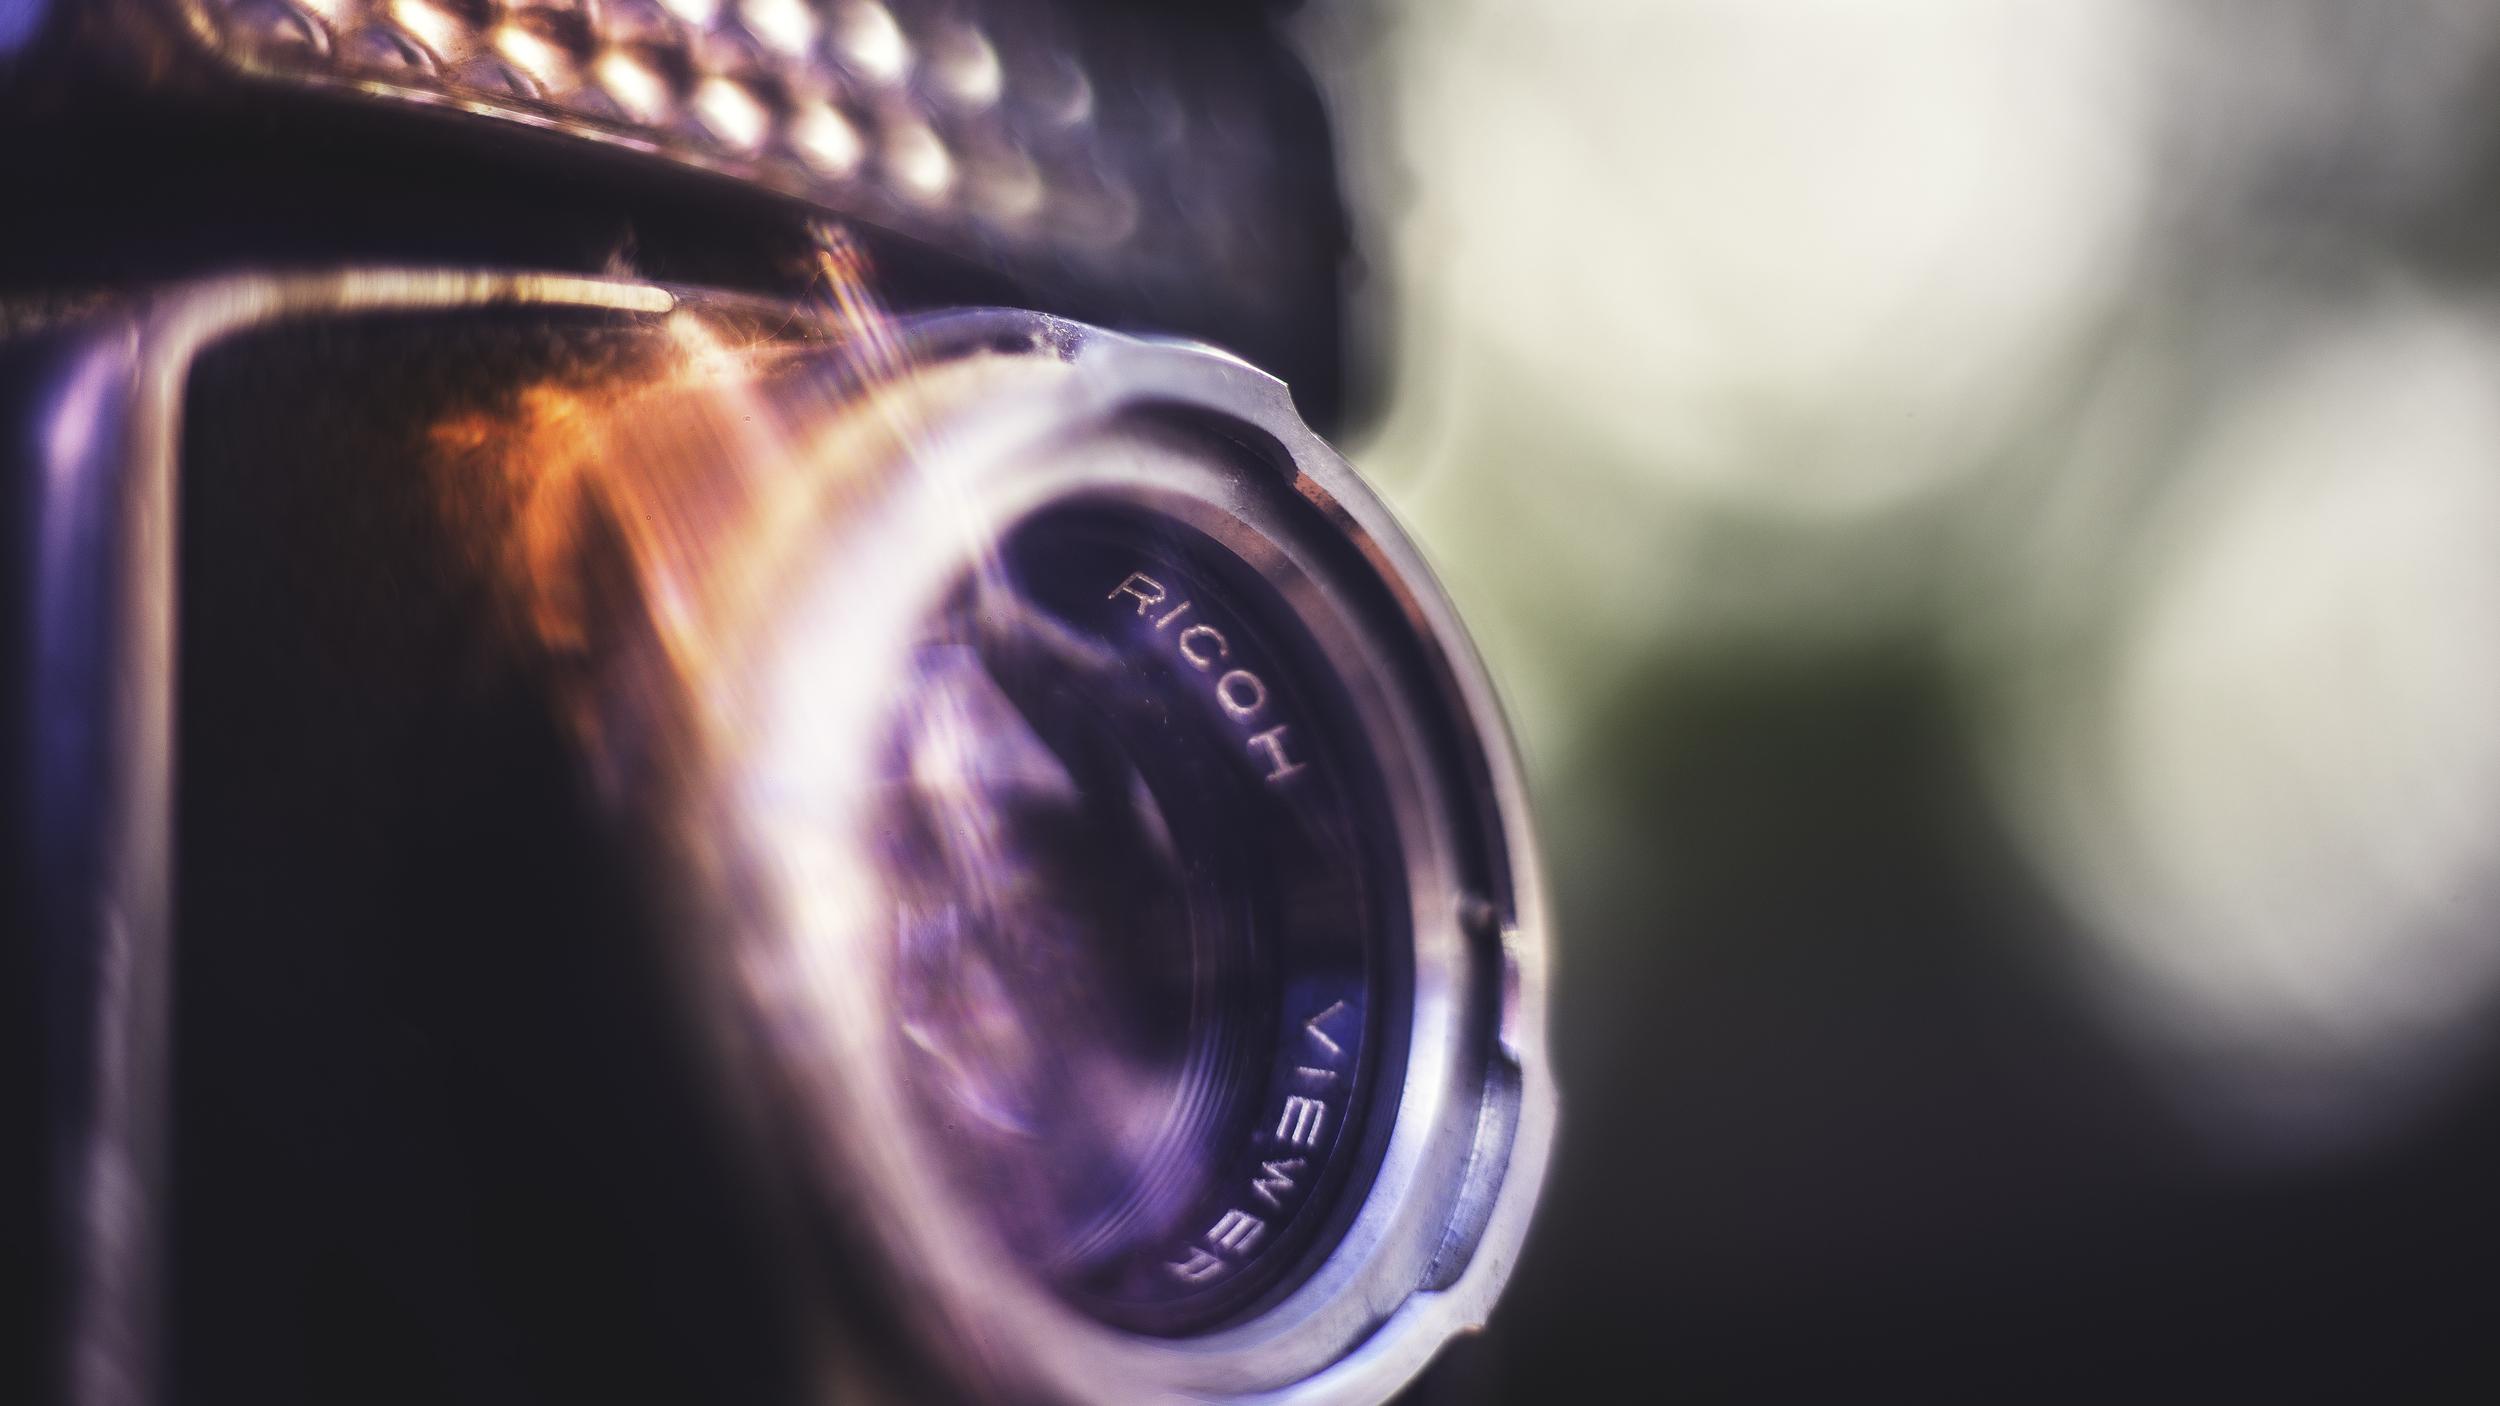 RicohCamera   Shot on lensbender